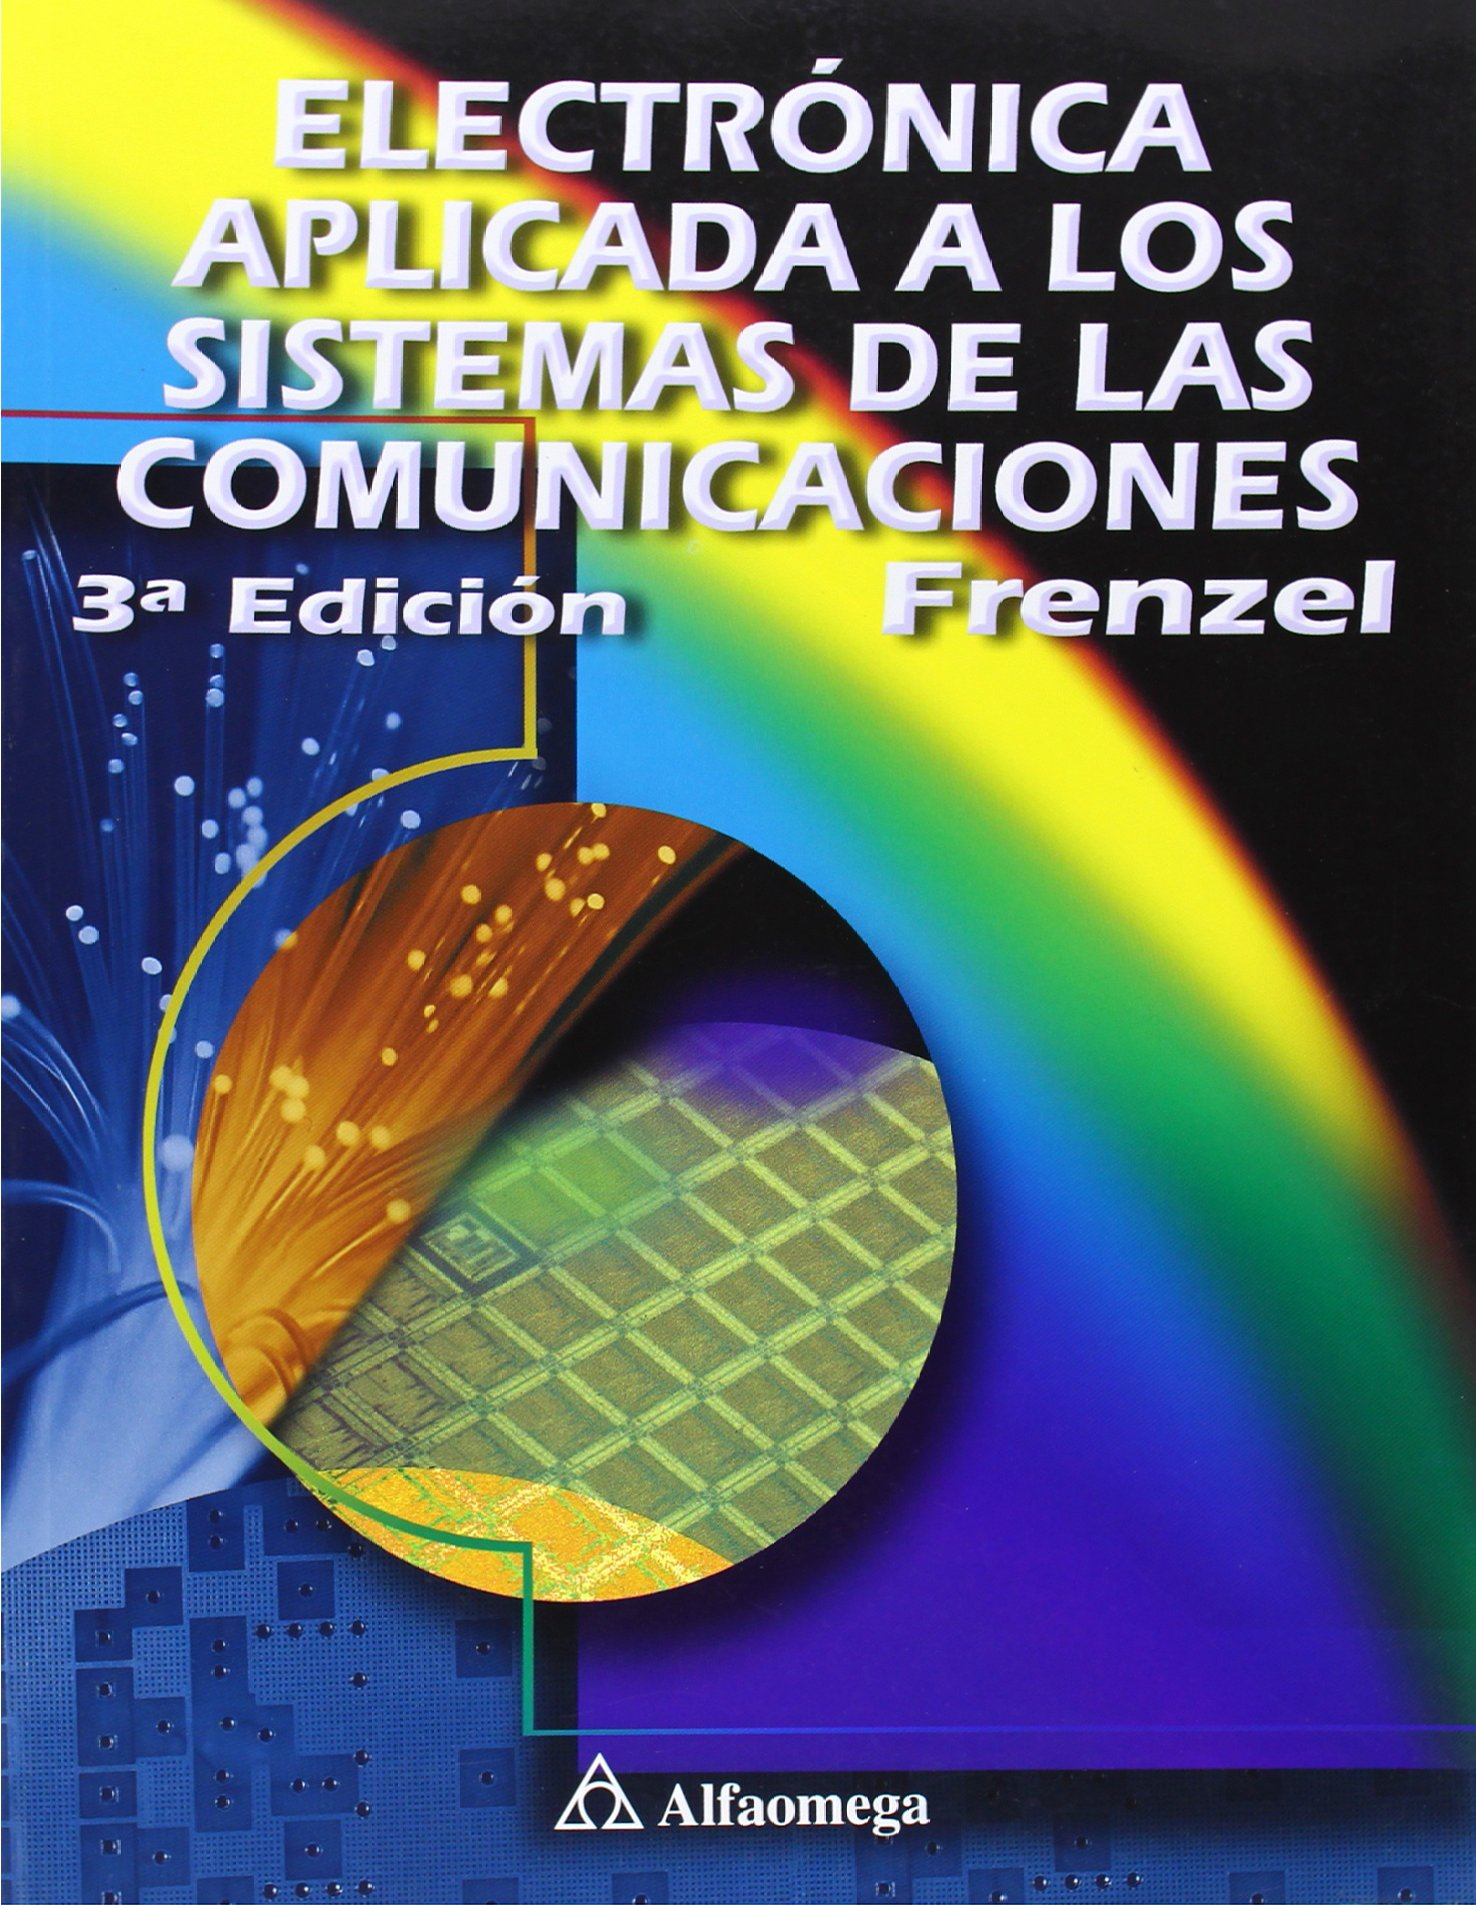 Electronica Aplicada a Los Sistemas de Las Comunicaciones (Spanish Edition): Louis Frenzel: 9789701508541: Amazon.com: Books